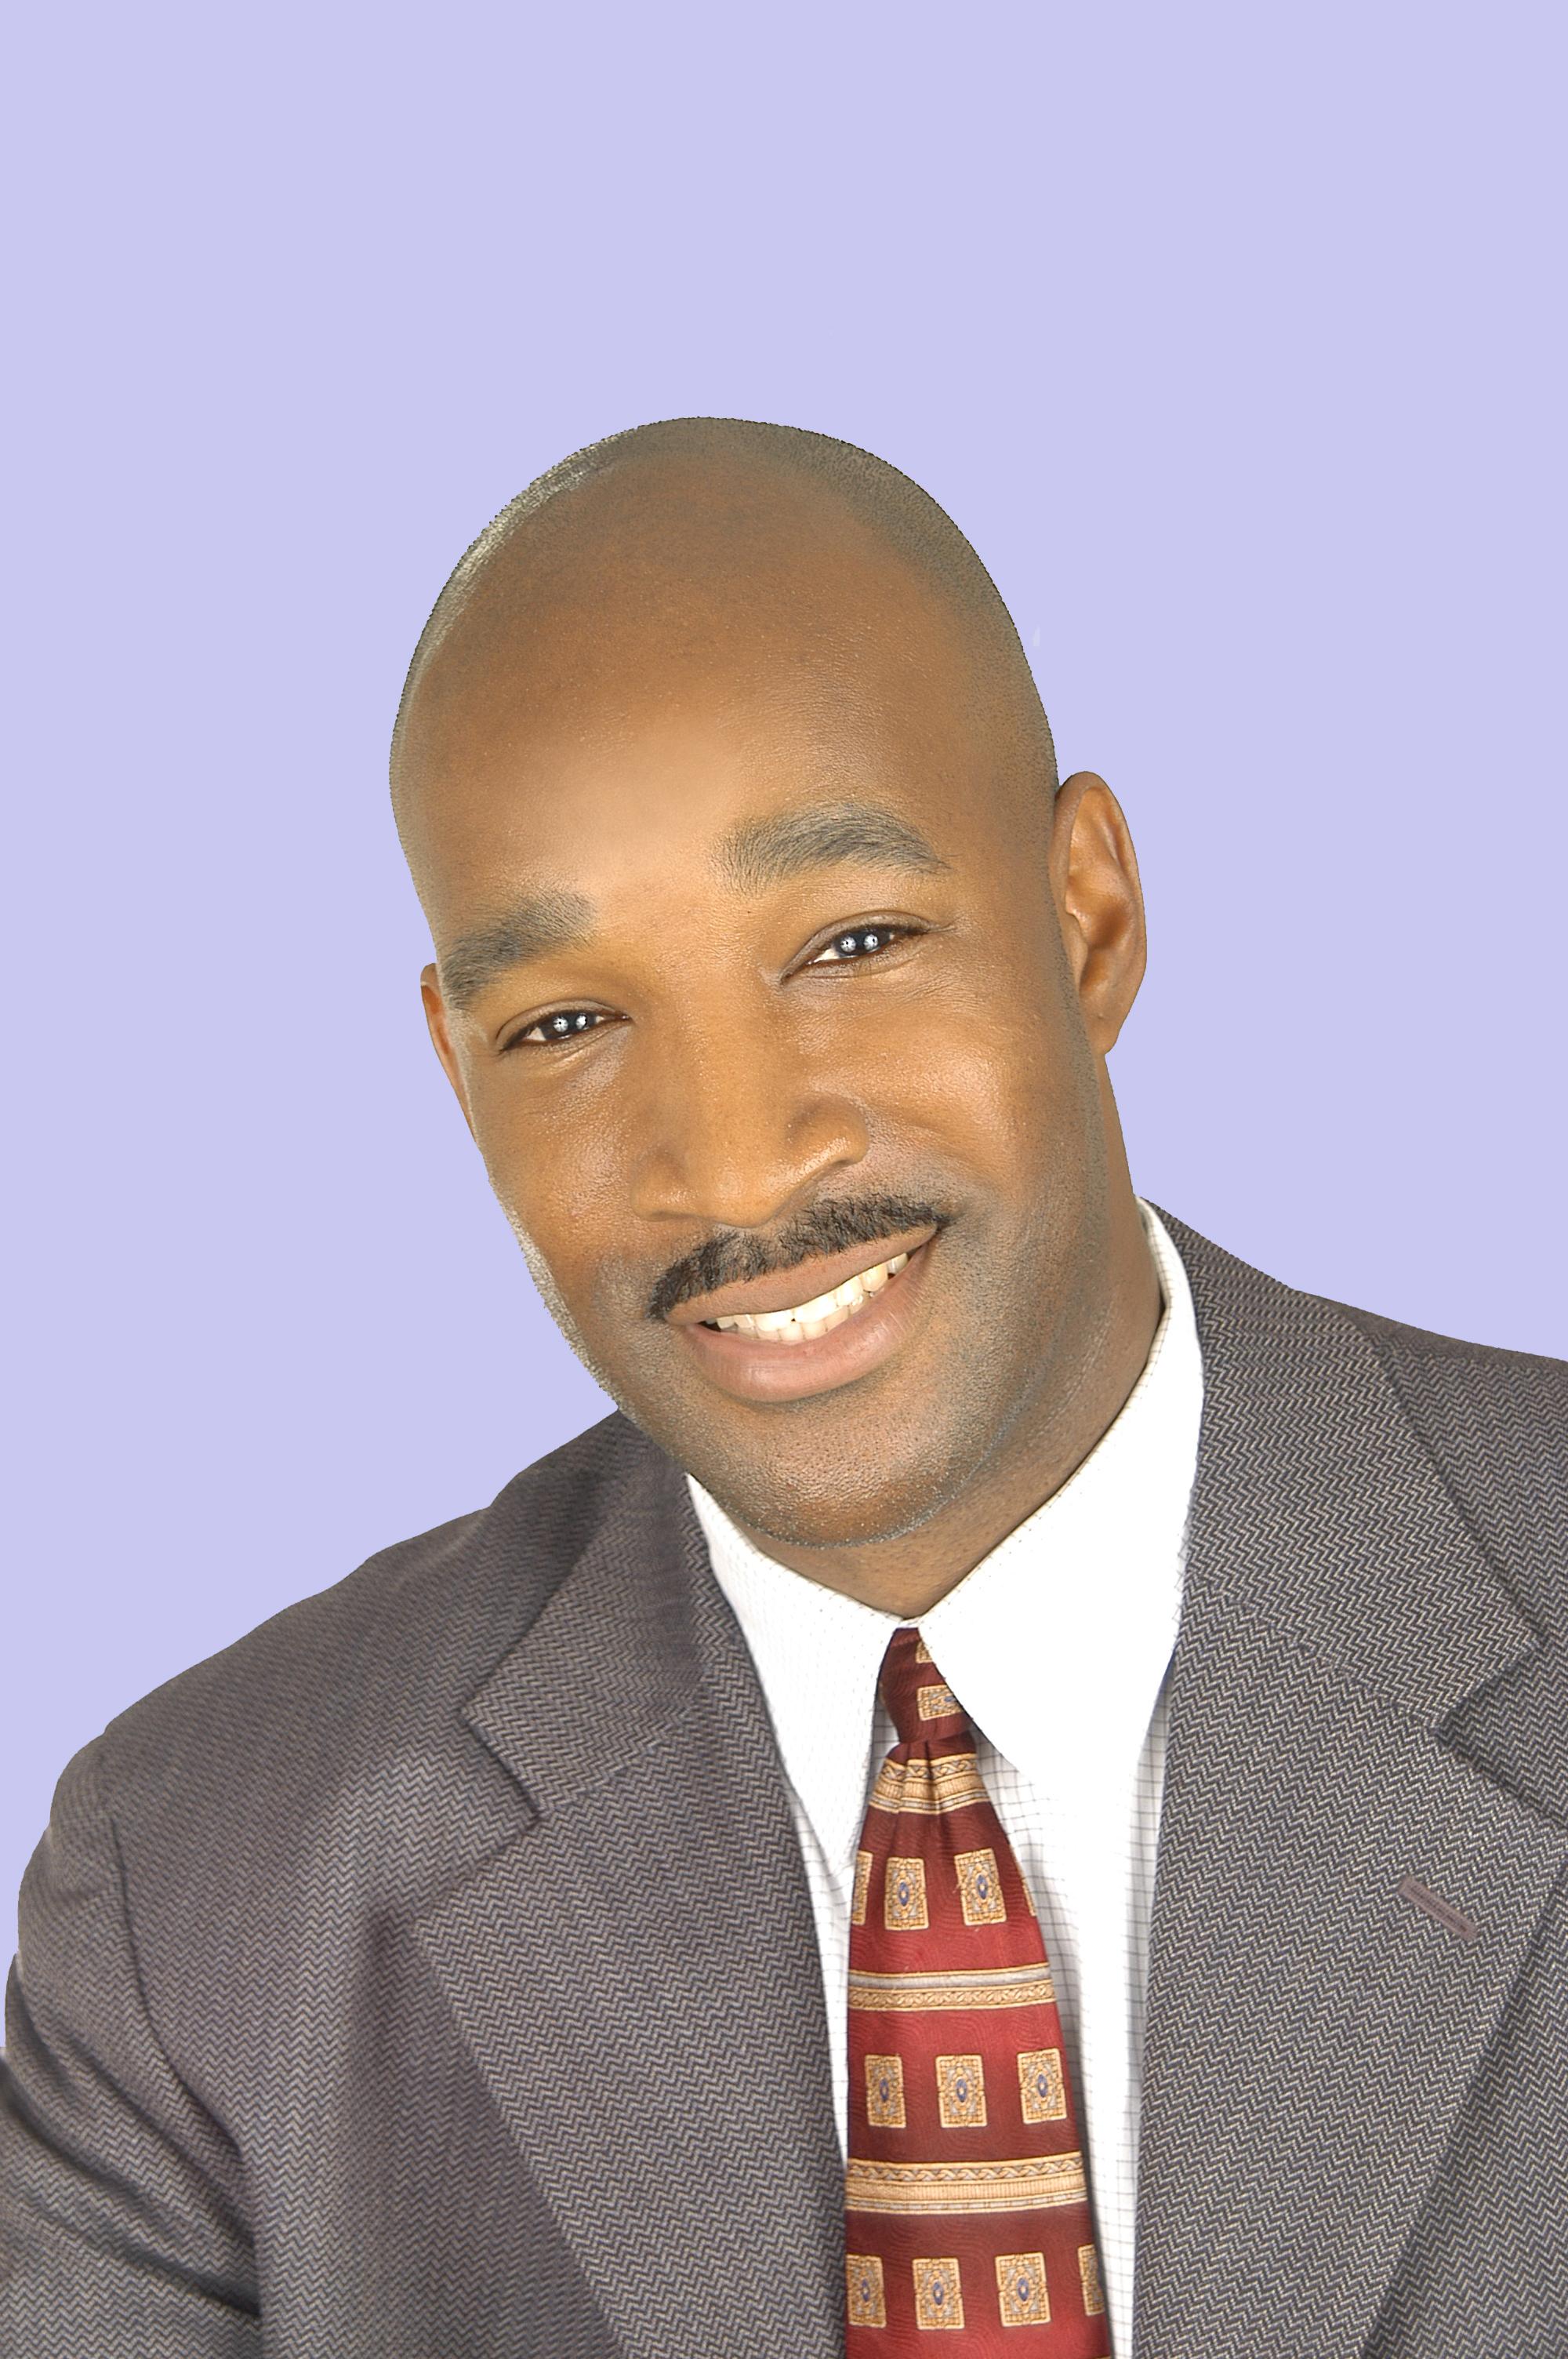 Monte Edwards